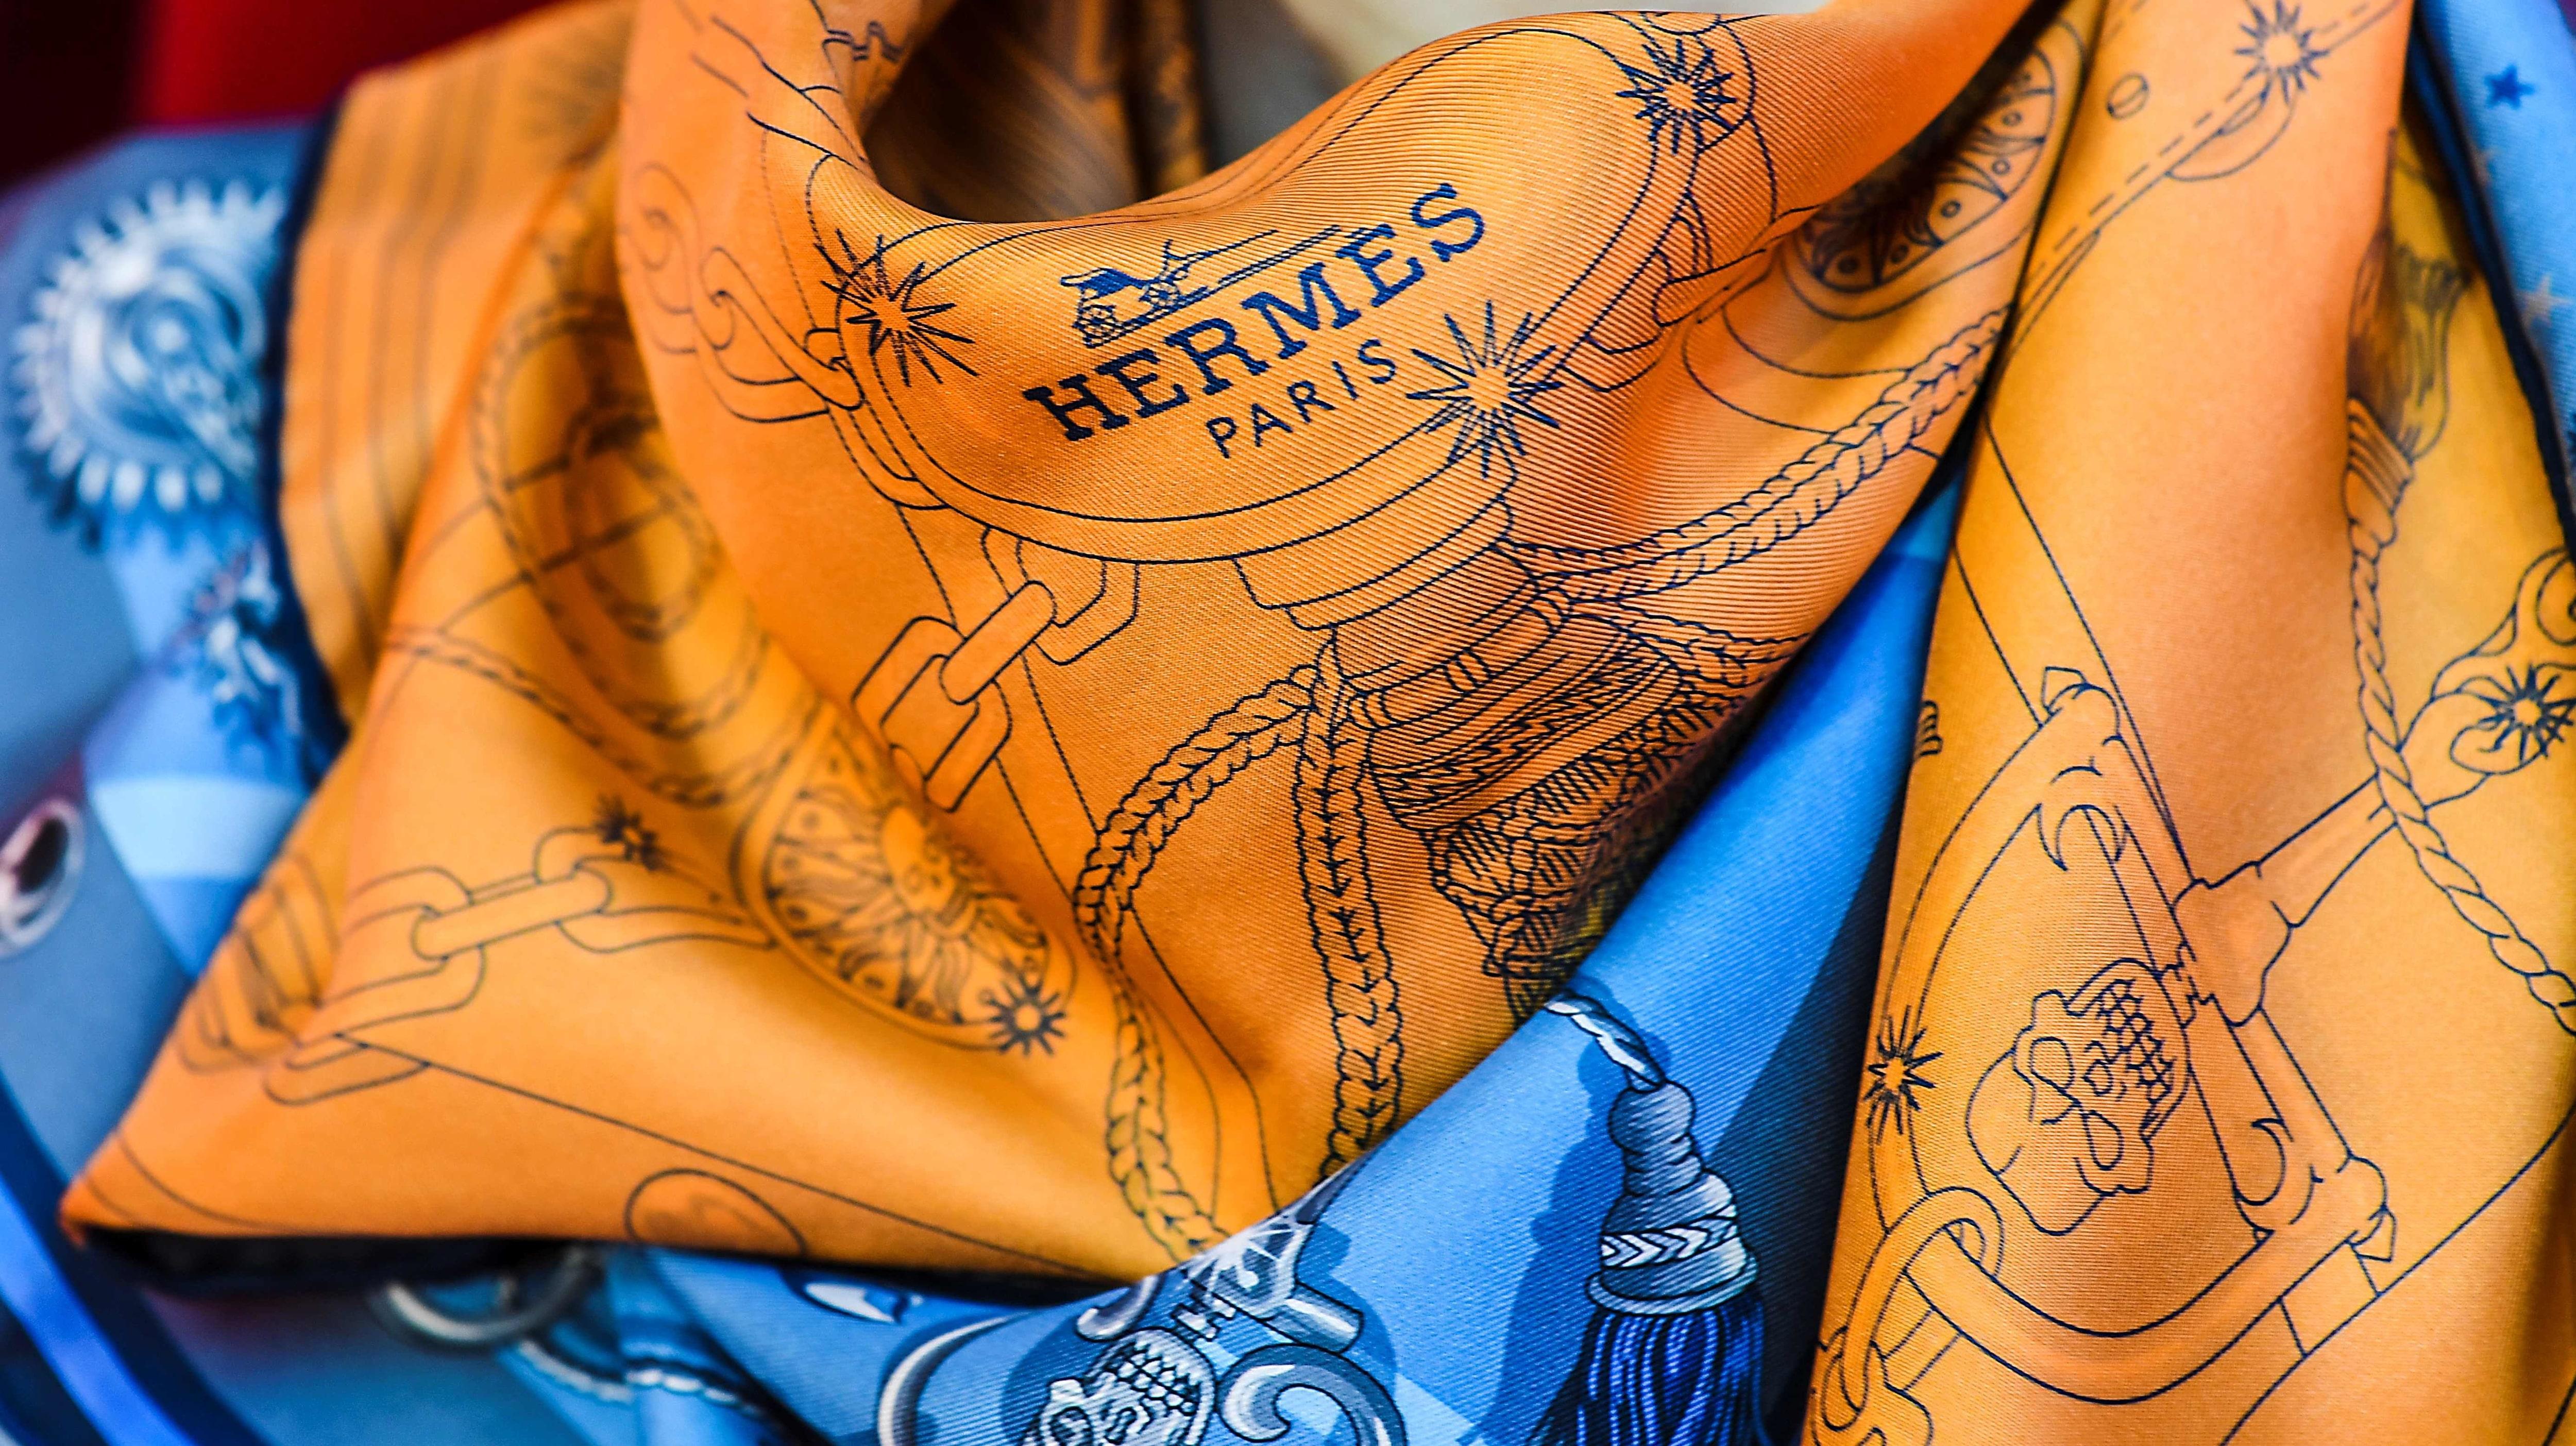 vad kostar en hermes scarf